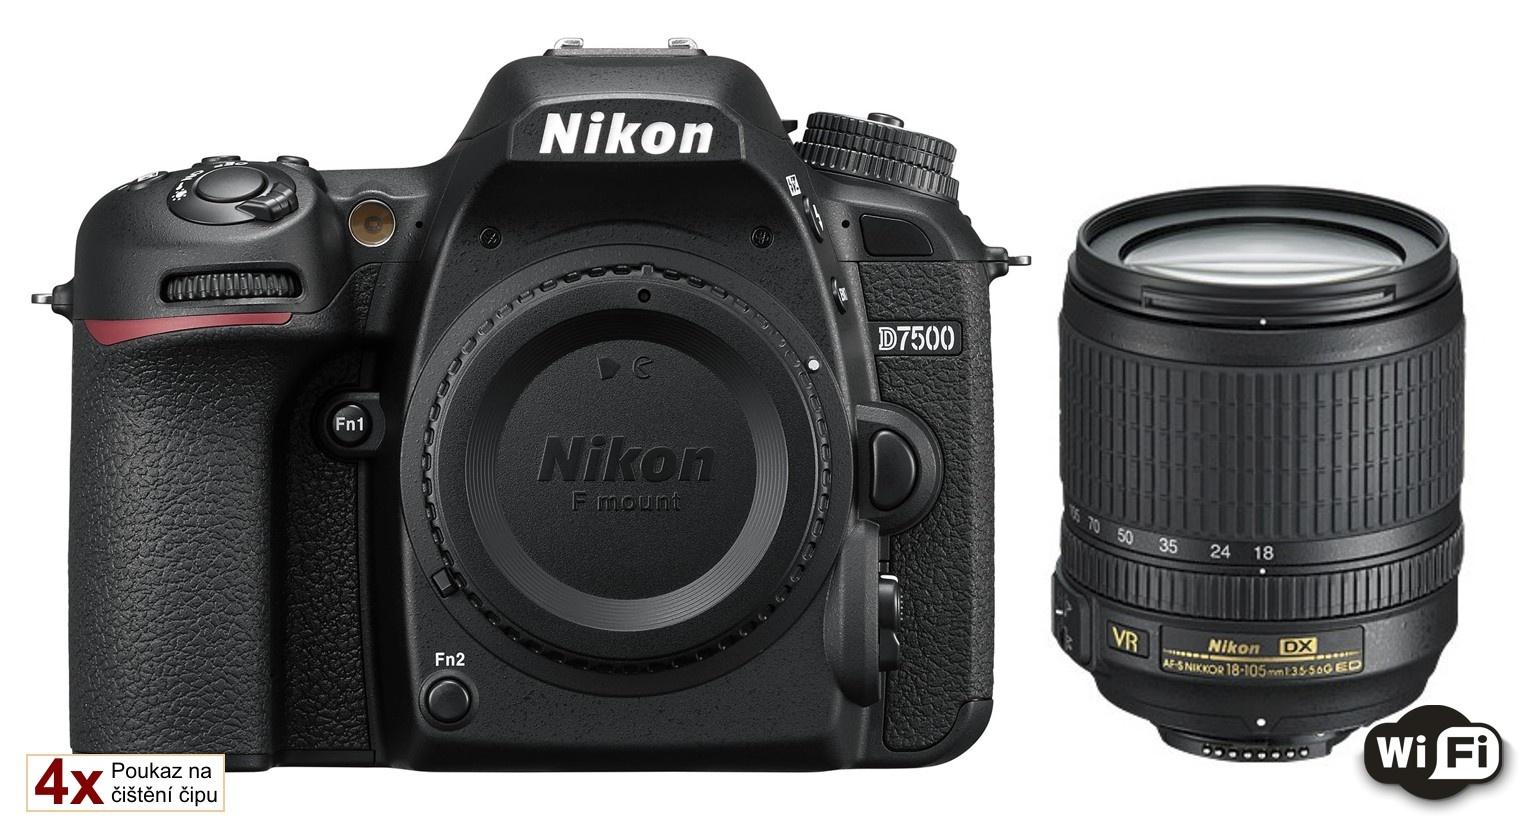 Nikon D7500 + 18-105 AF-S VR + Náhradní baterie 2000 mAh s nabíječkou na 2 baterie zároveň